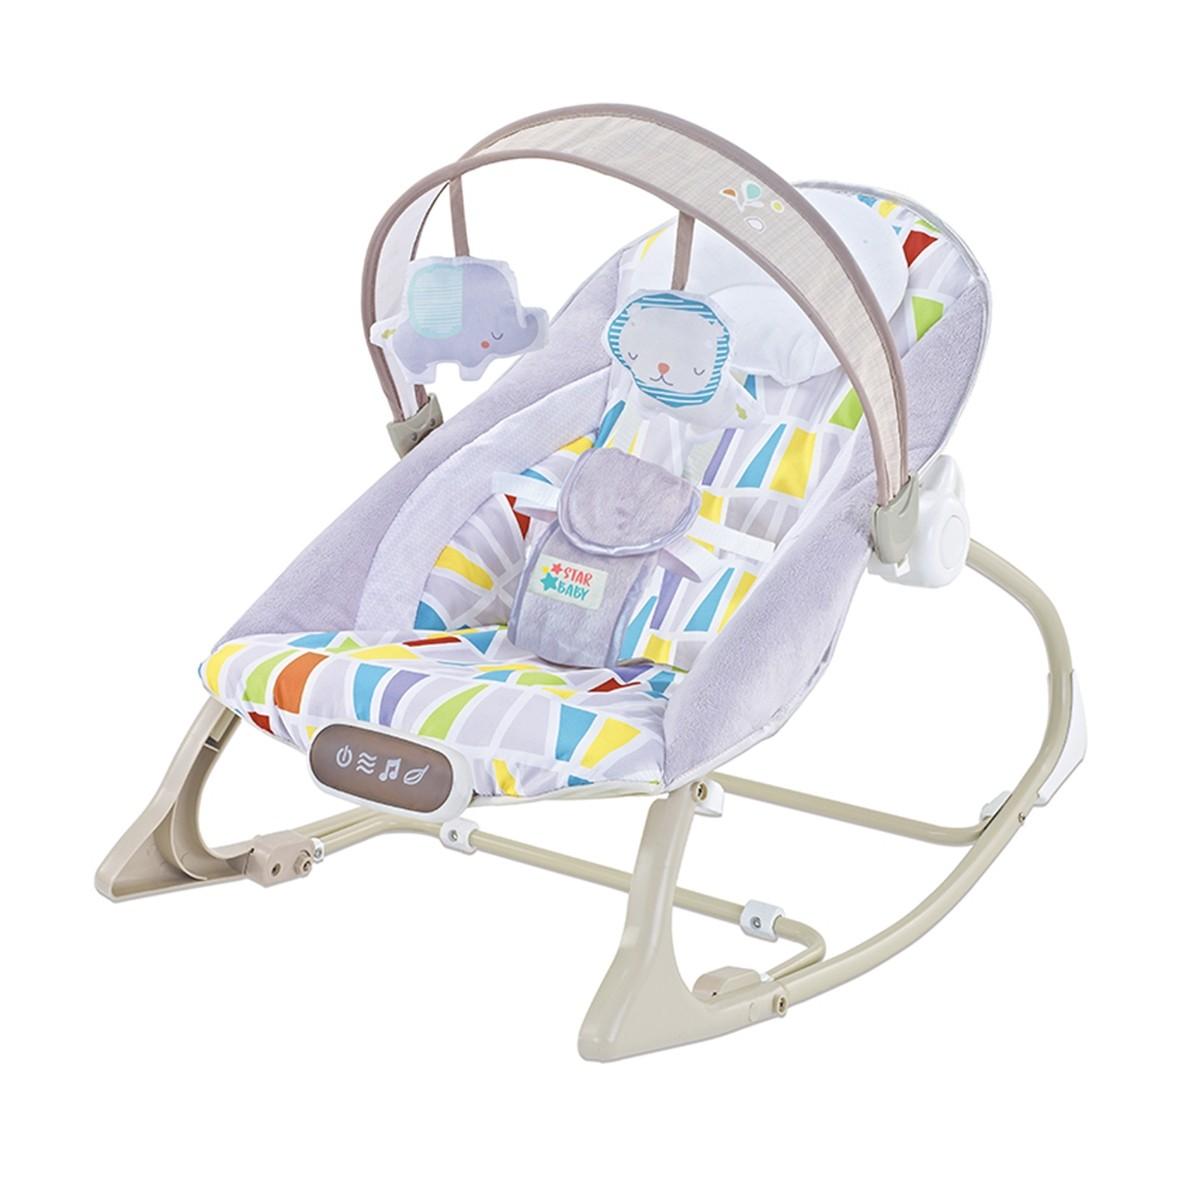 Cadeira descanso Bebê 18kg Care Star Baby